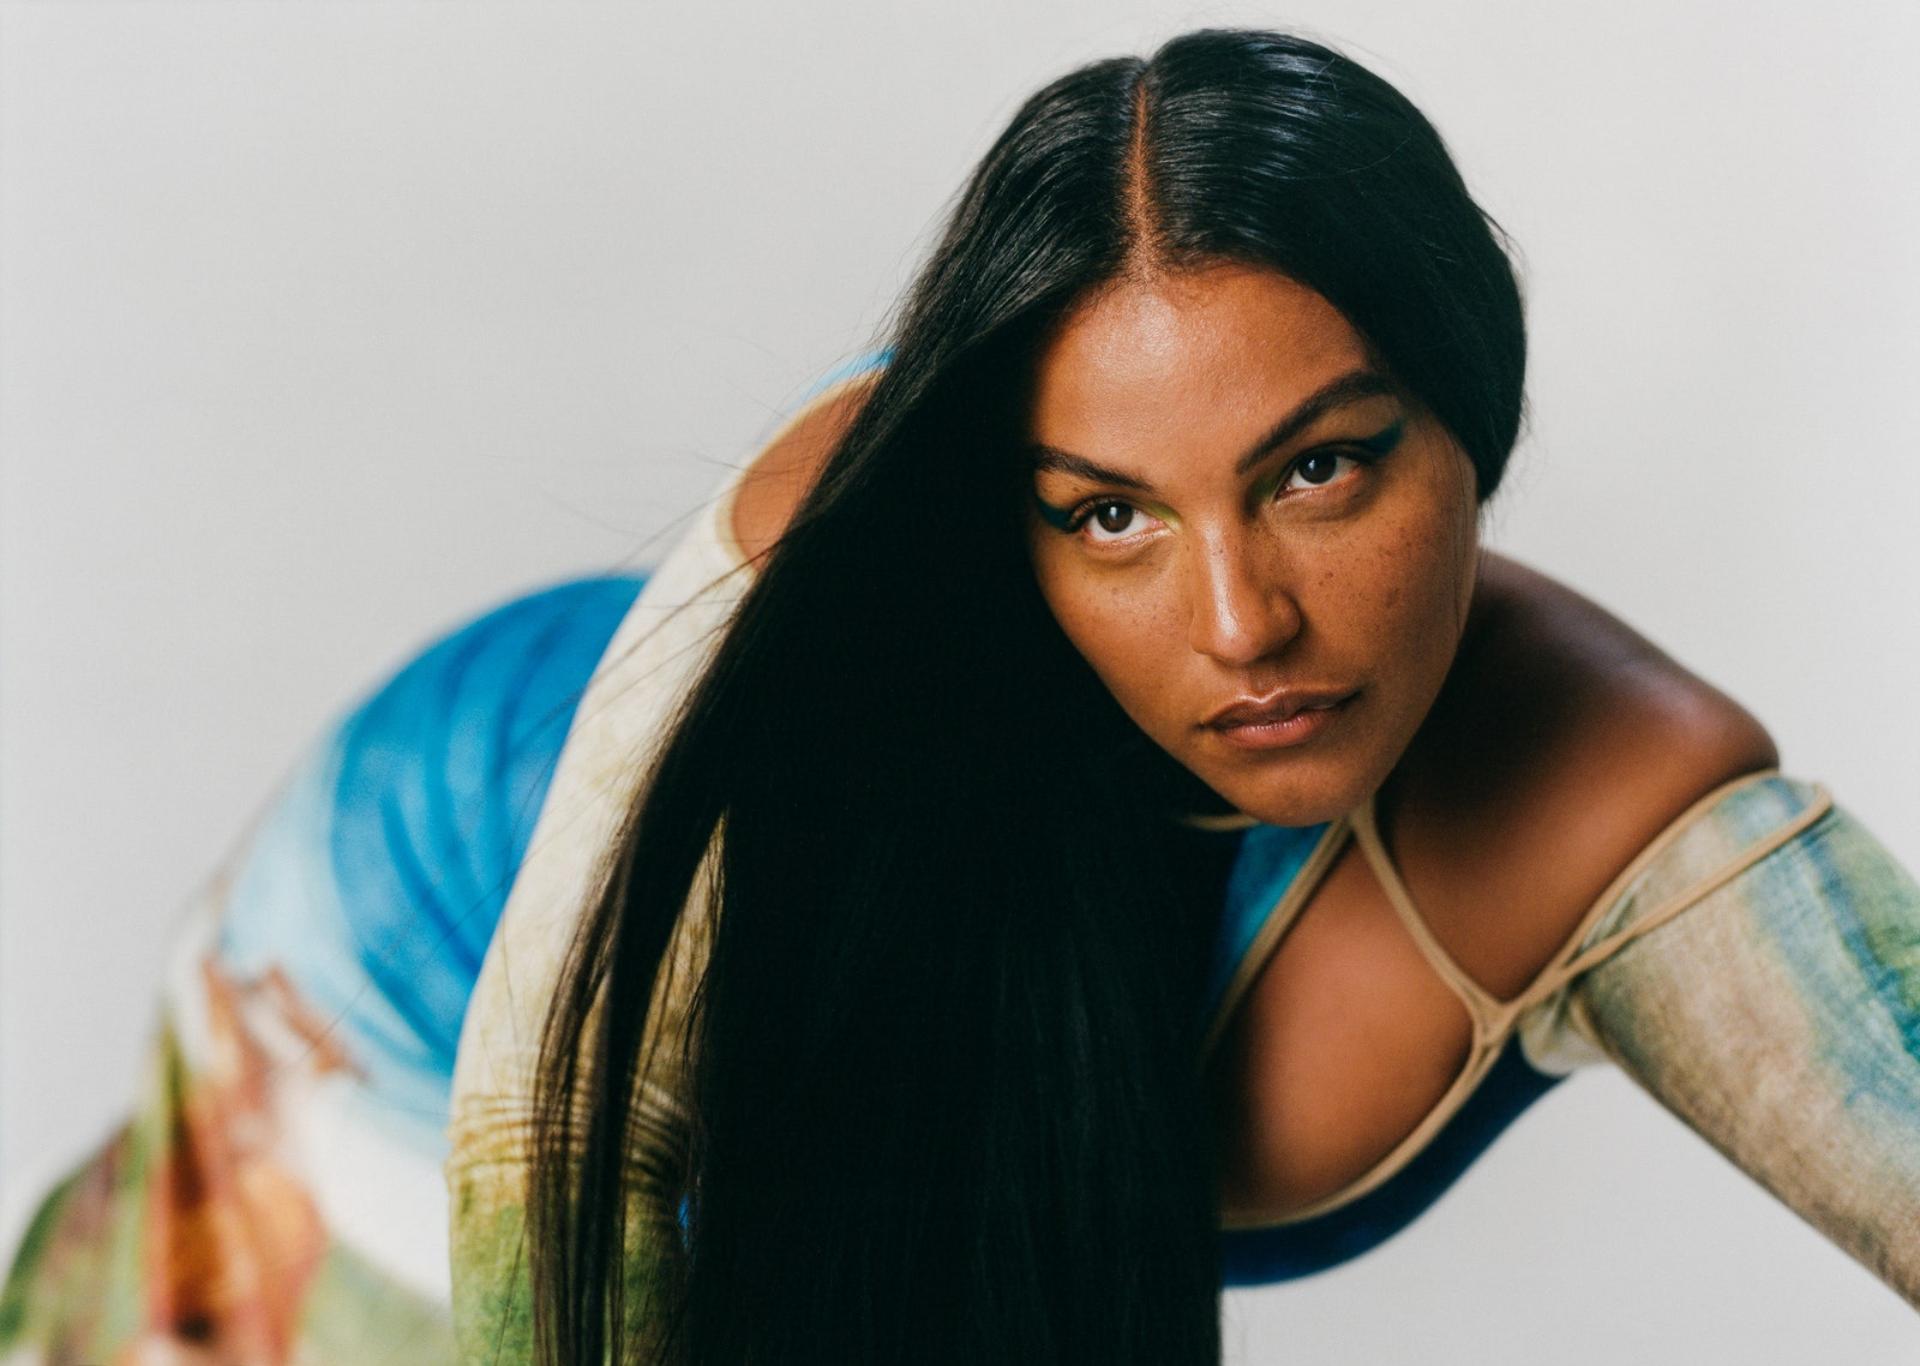 Paloma Elsesser, la modelo plus size que triunfa